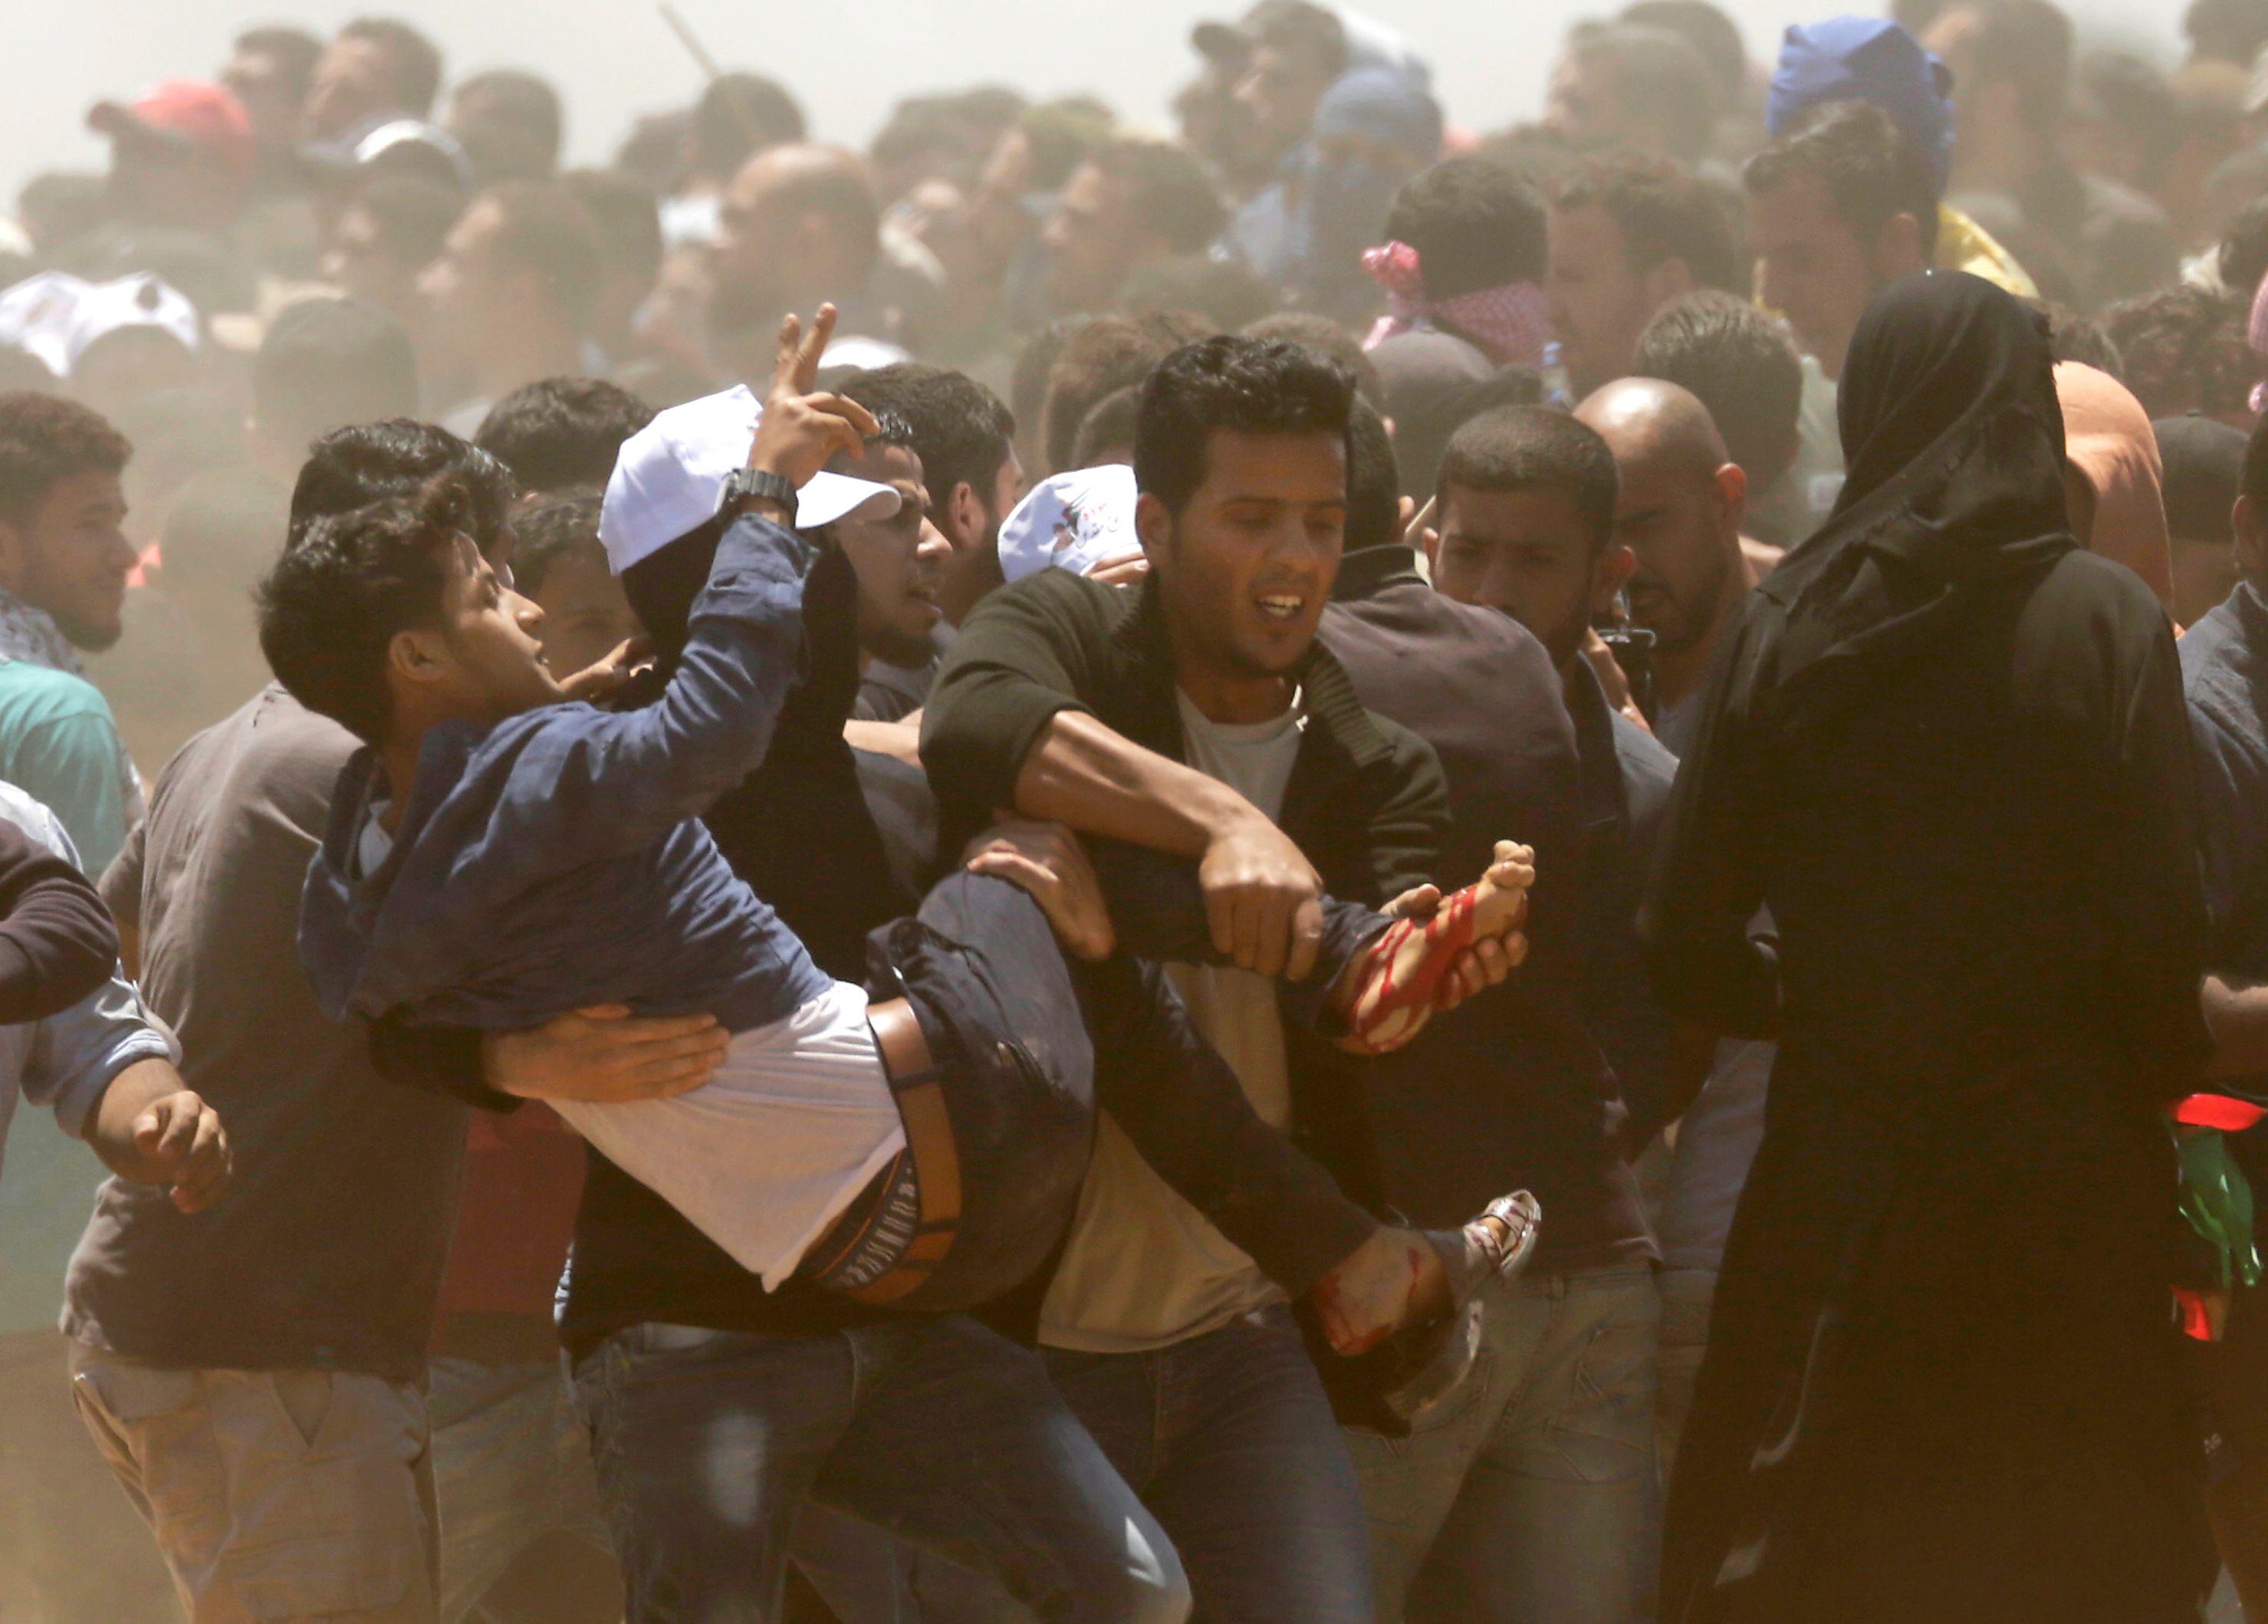 شباب فلسطينيين يحملون صديقهم المصاب فى مواجهة الاحتلال